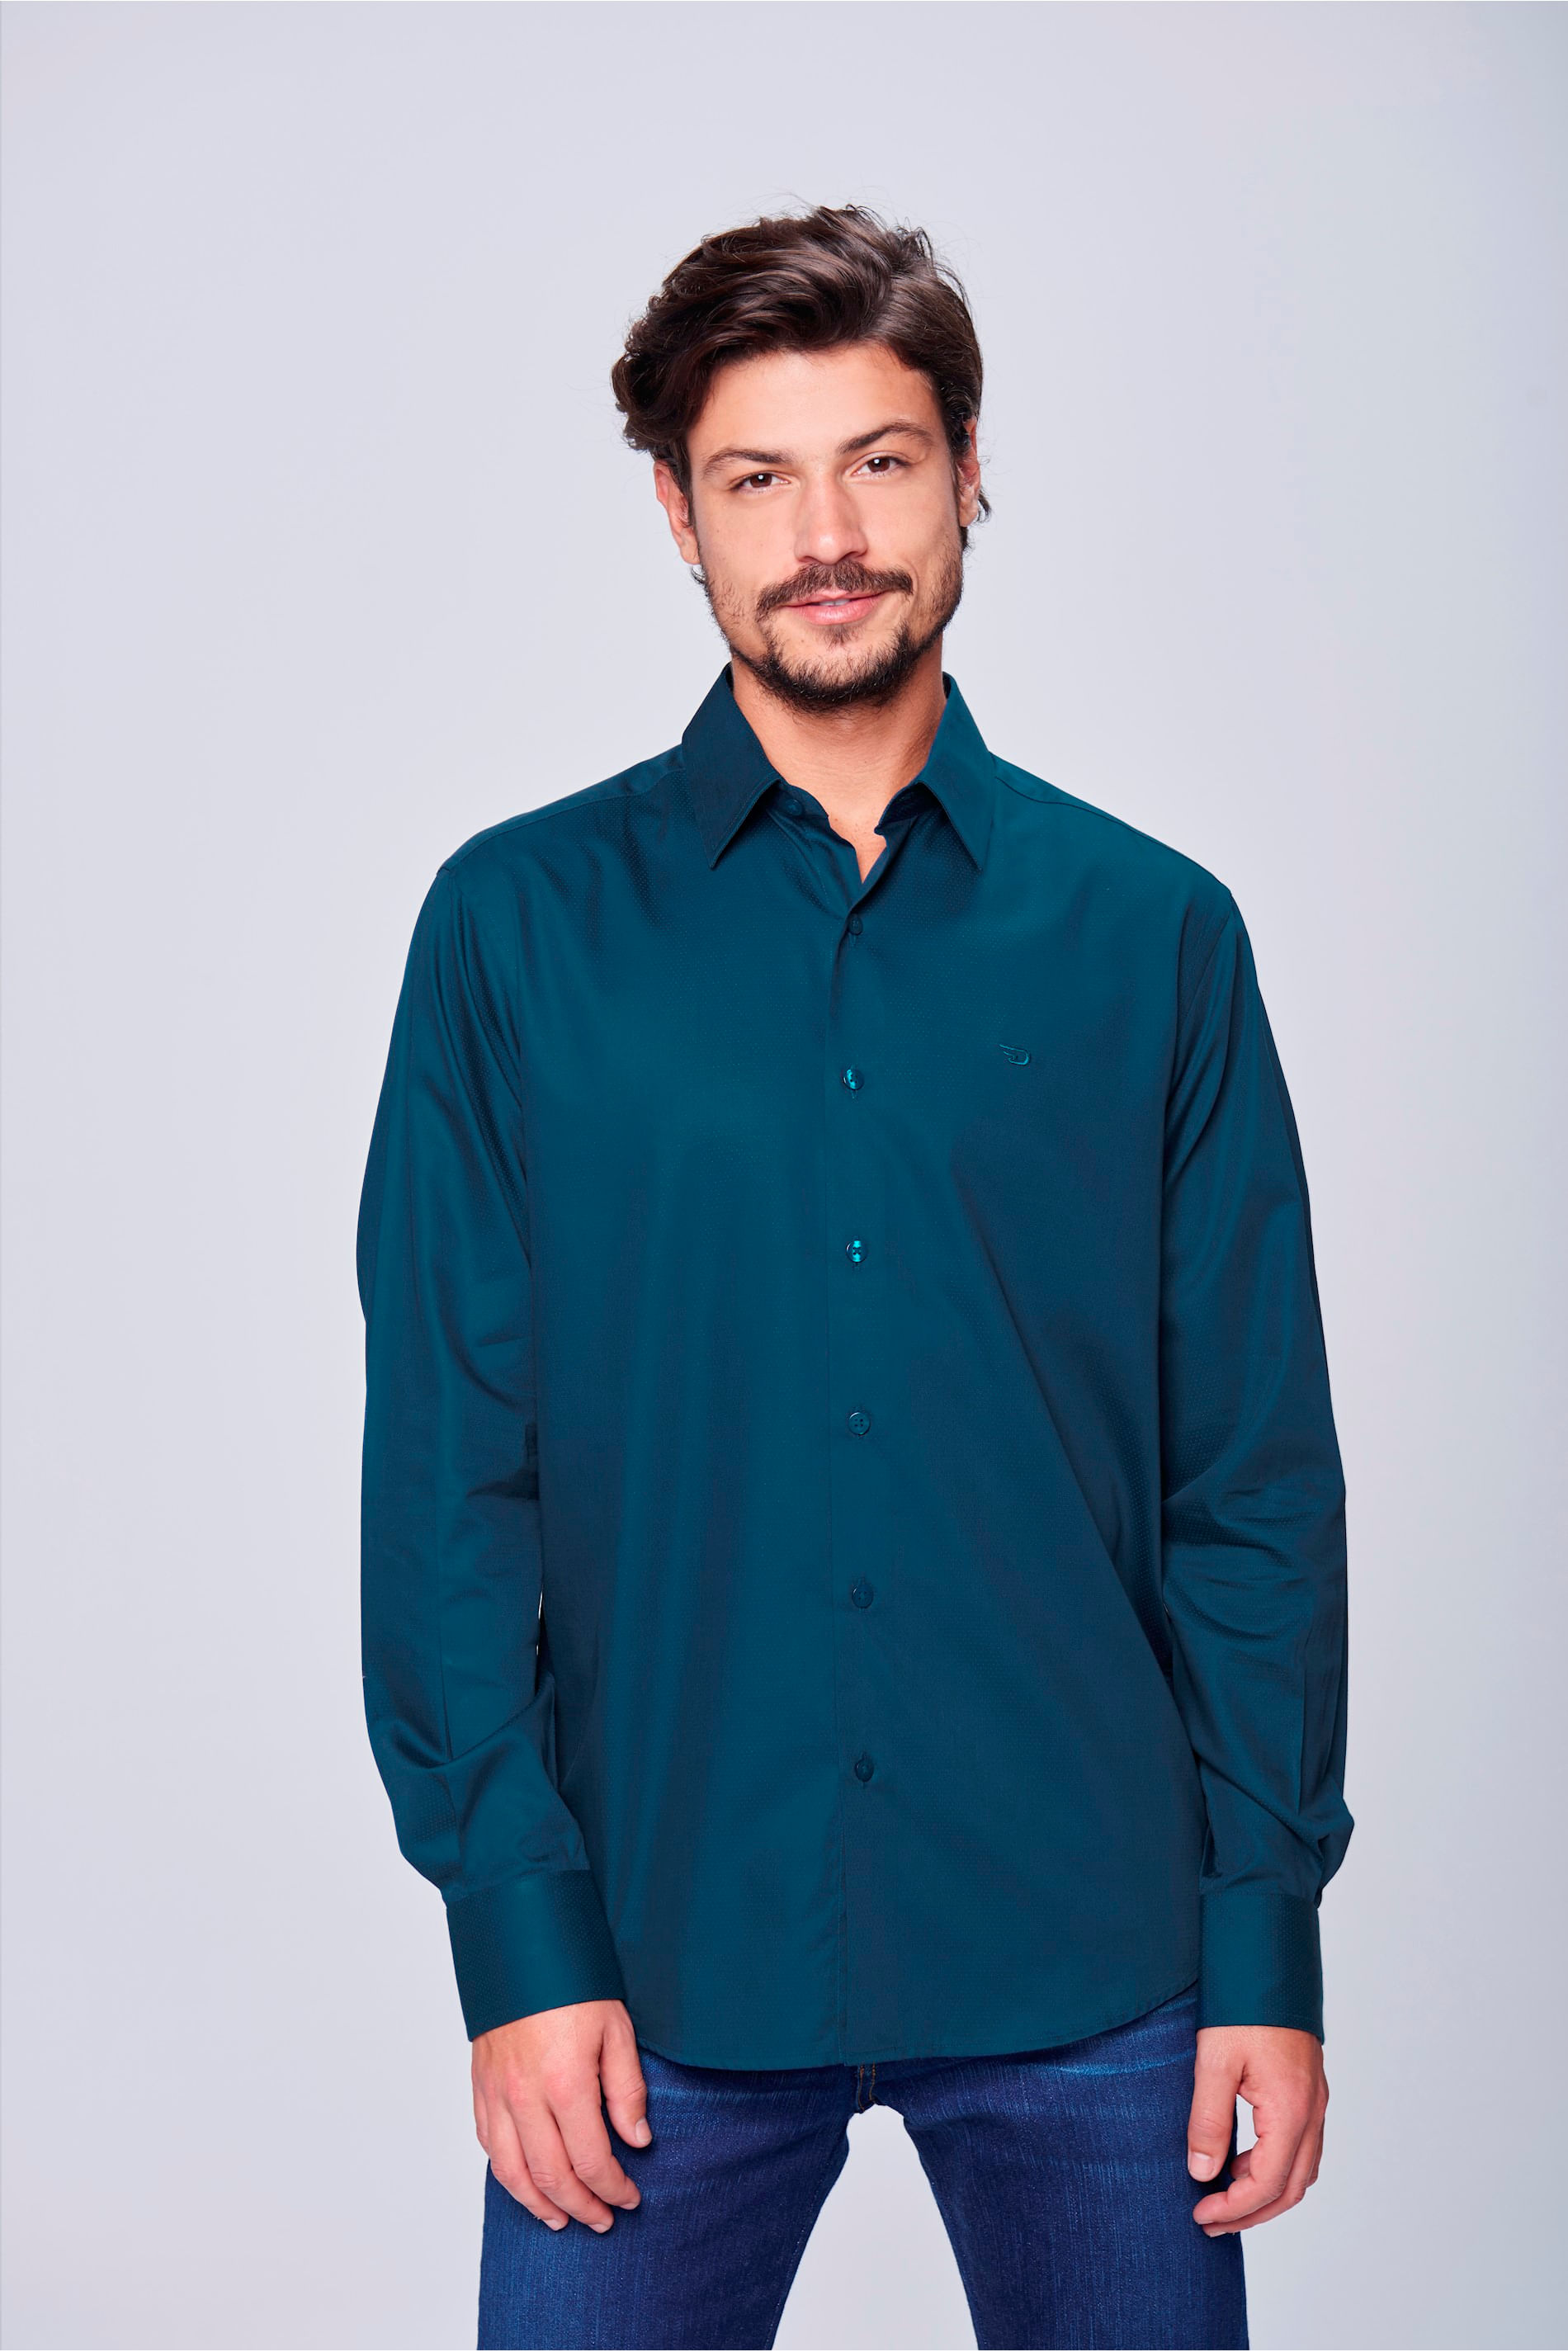 ef4880236d Camisa Social Masculina Algodão Peruano - Damyller